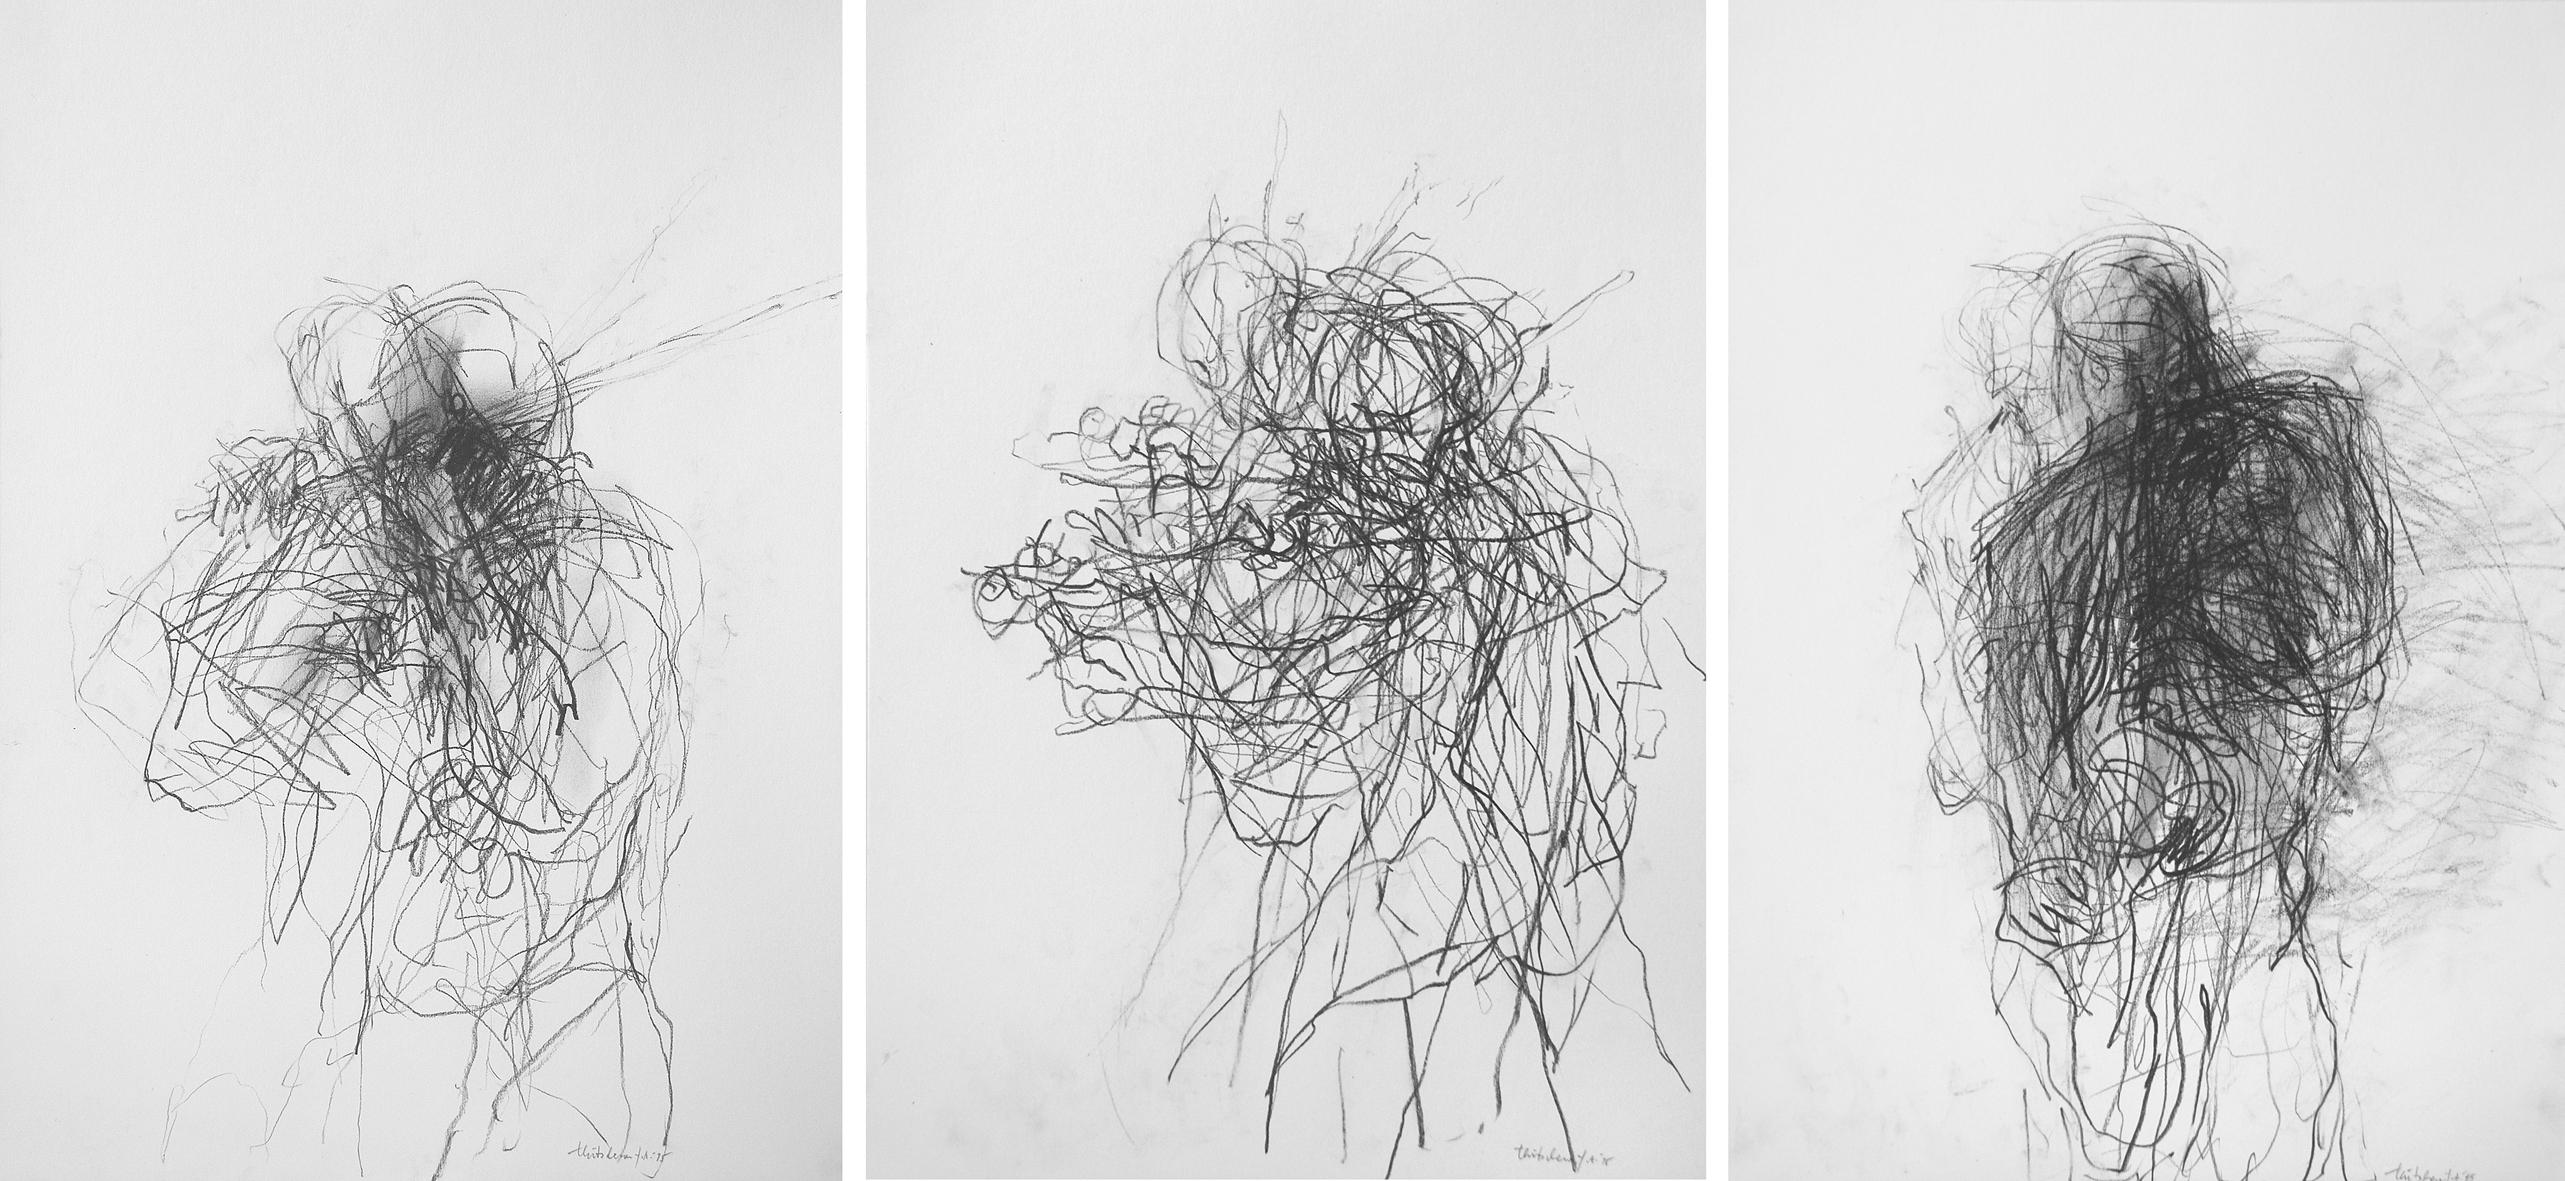 6. a/b/c motiv, je 48 x 34 cm, grafit/papier